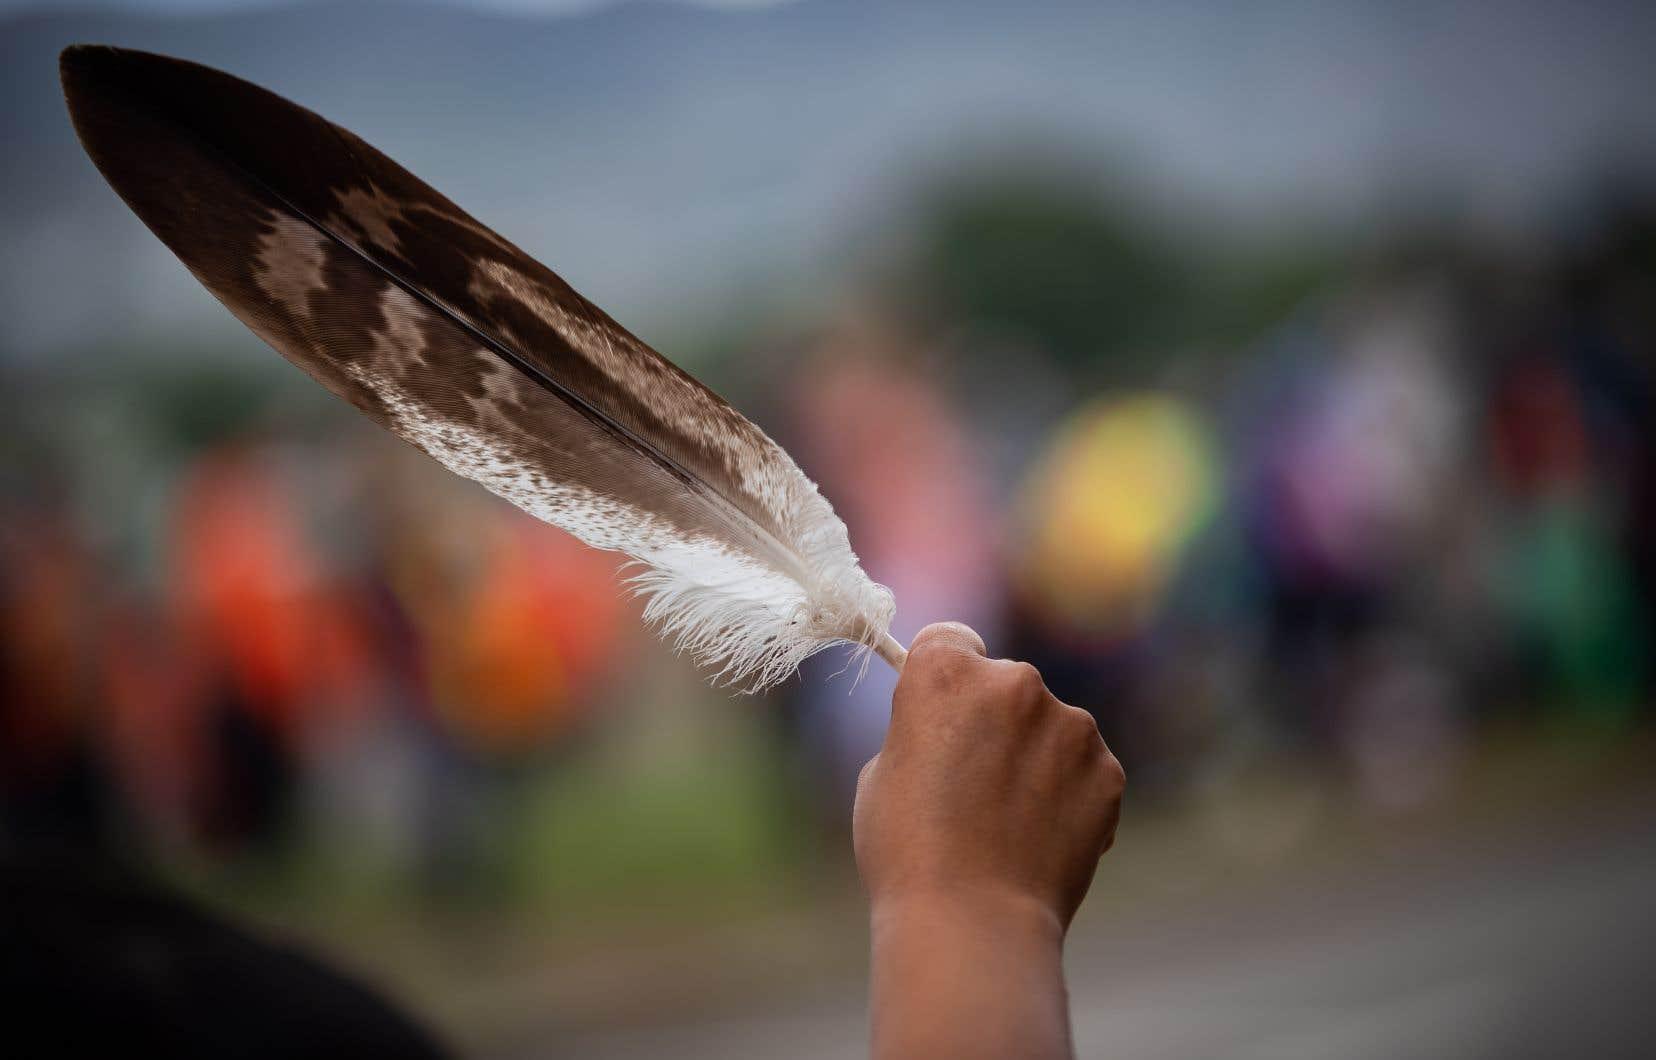 «Les événements de ces deux dernières semaines ont montré qu'il était urgent d'augmenter le nombre de journalistes et de voix autochtones dans les médias canadiens», selon Rachel Pulfer, directrice générale de JHR.